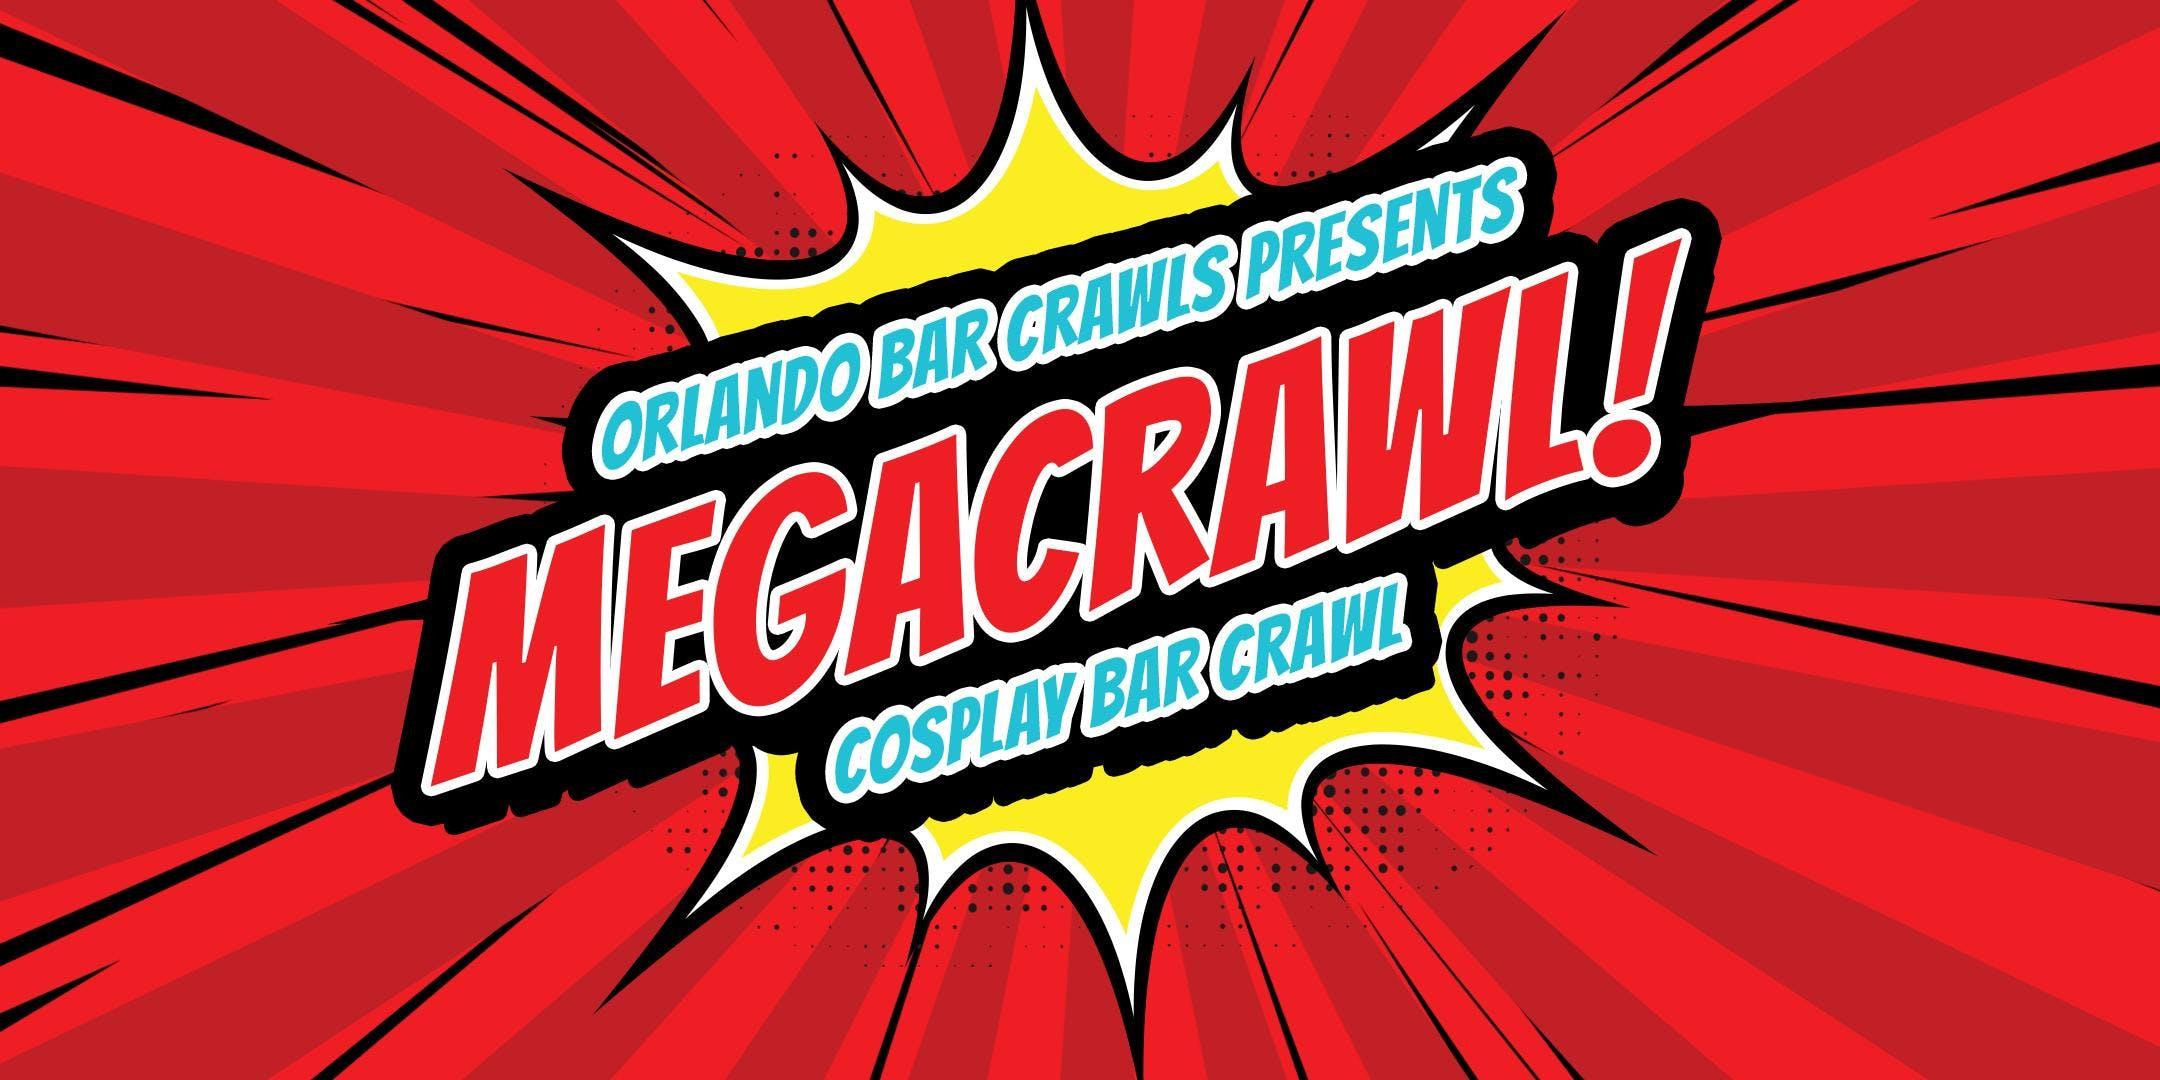 Megacrawl (SATURDAY DAY 2) Cosplay Bar Crawl